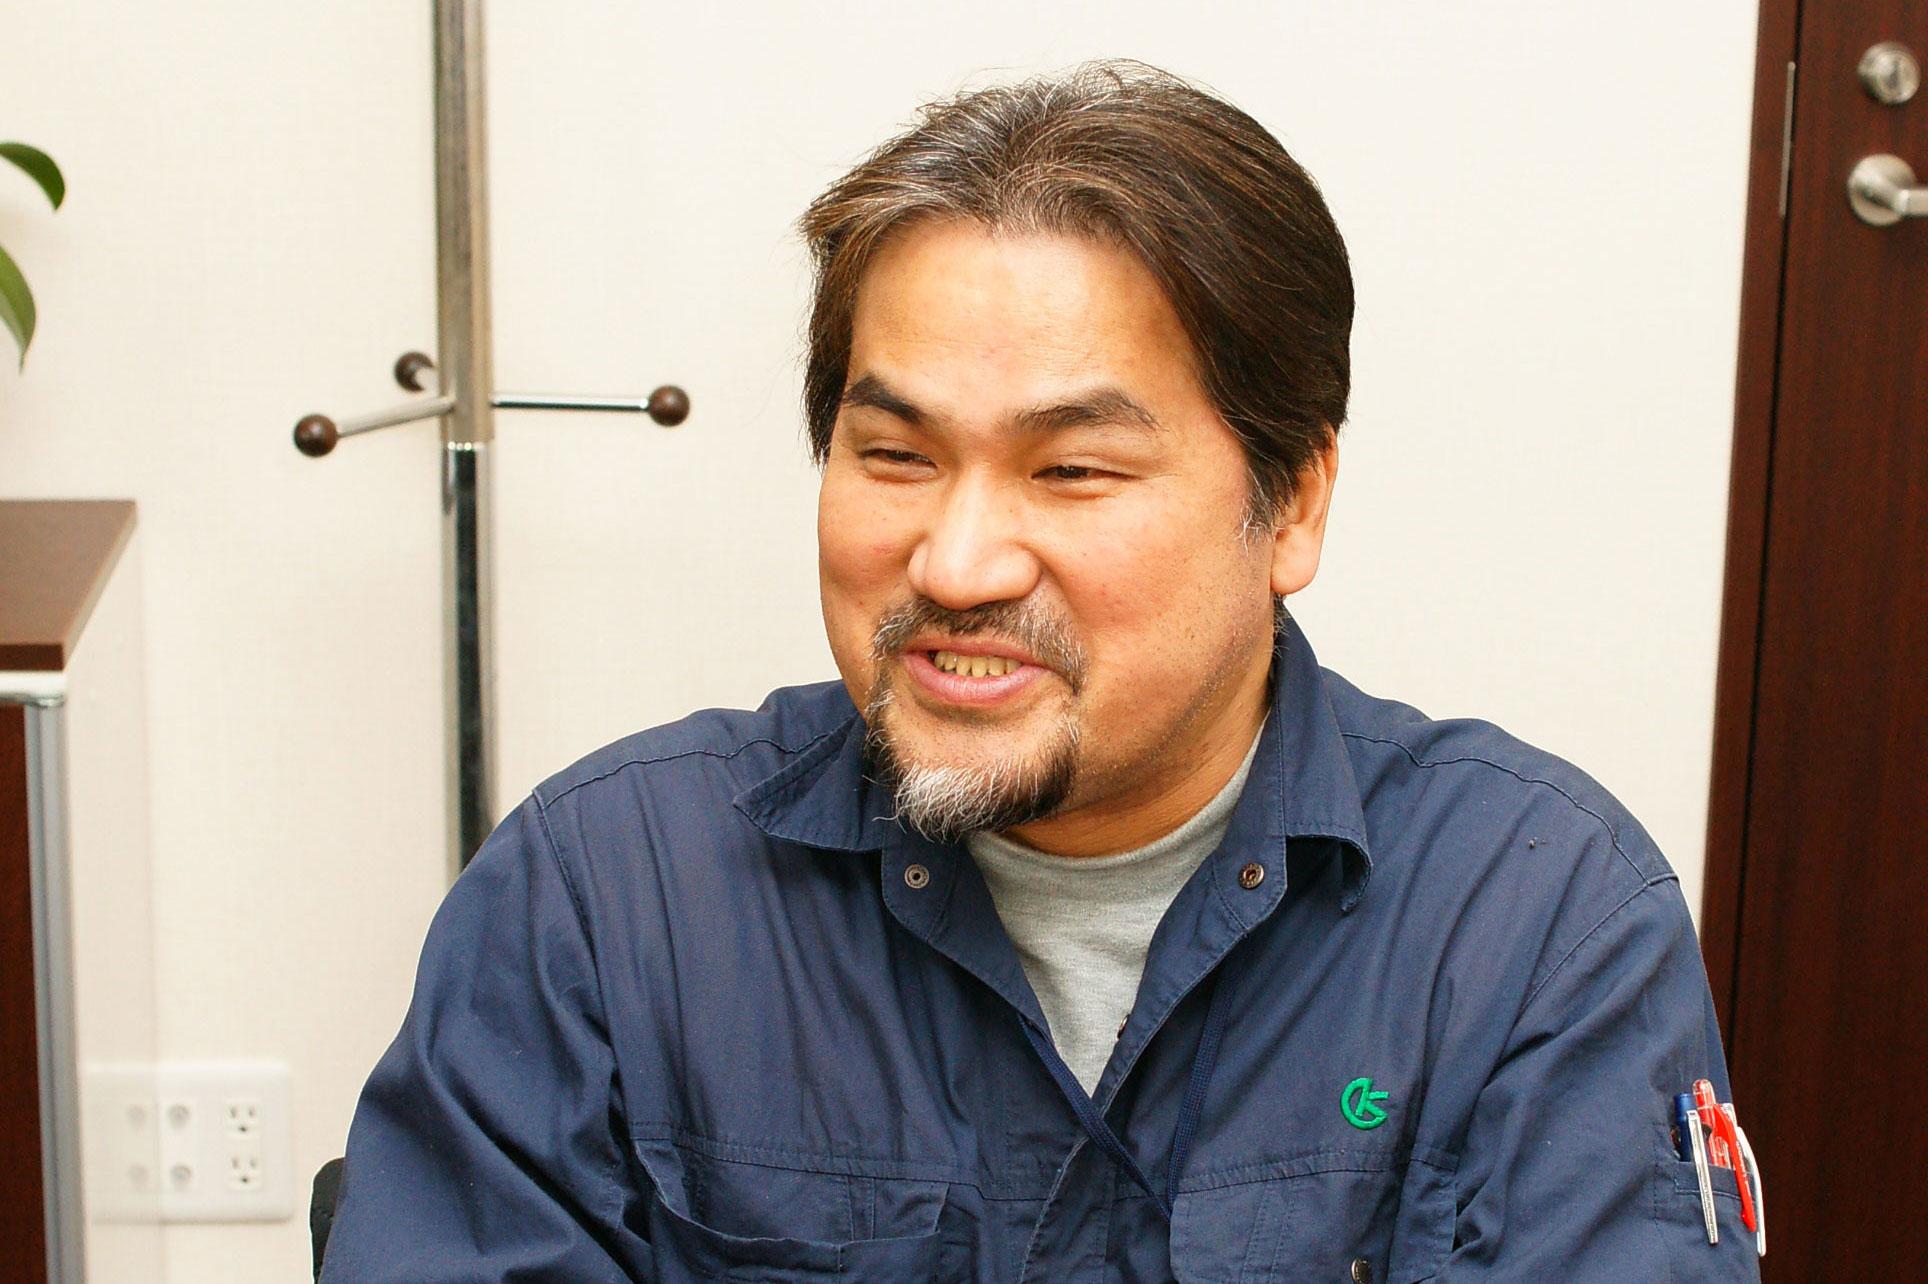 納入先の工場のサポートで世界中を飛び回っている協和製作所製造部技術サービス課の宮崎伸也さん